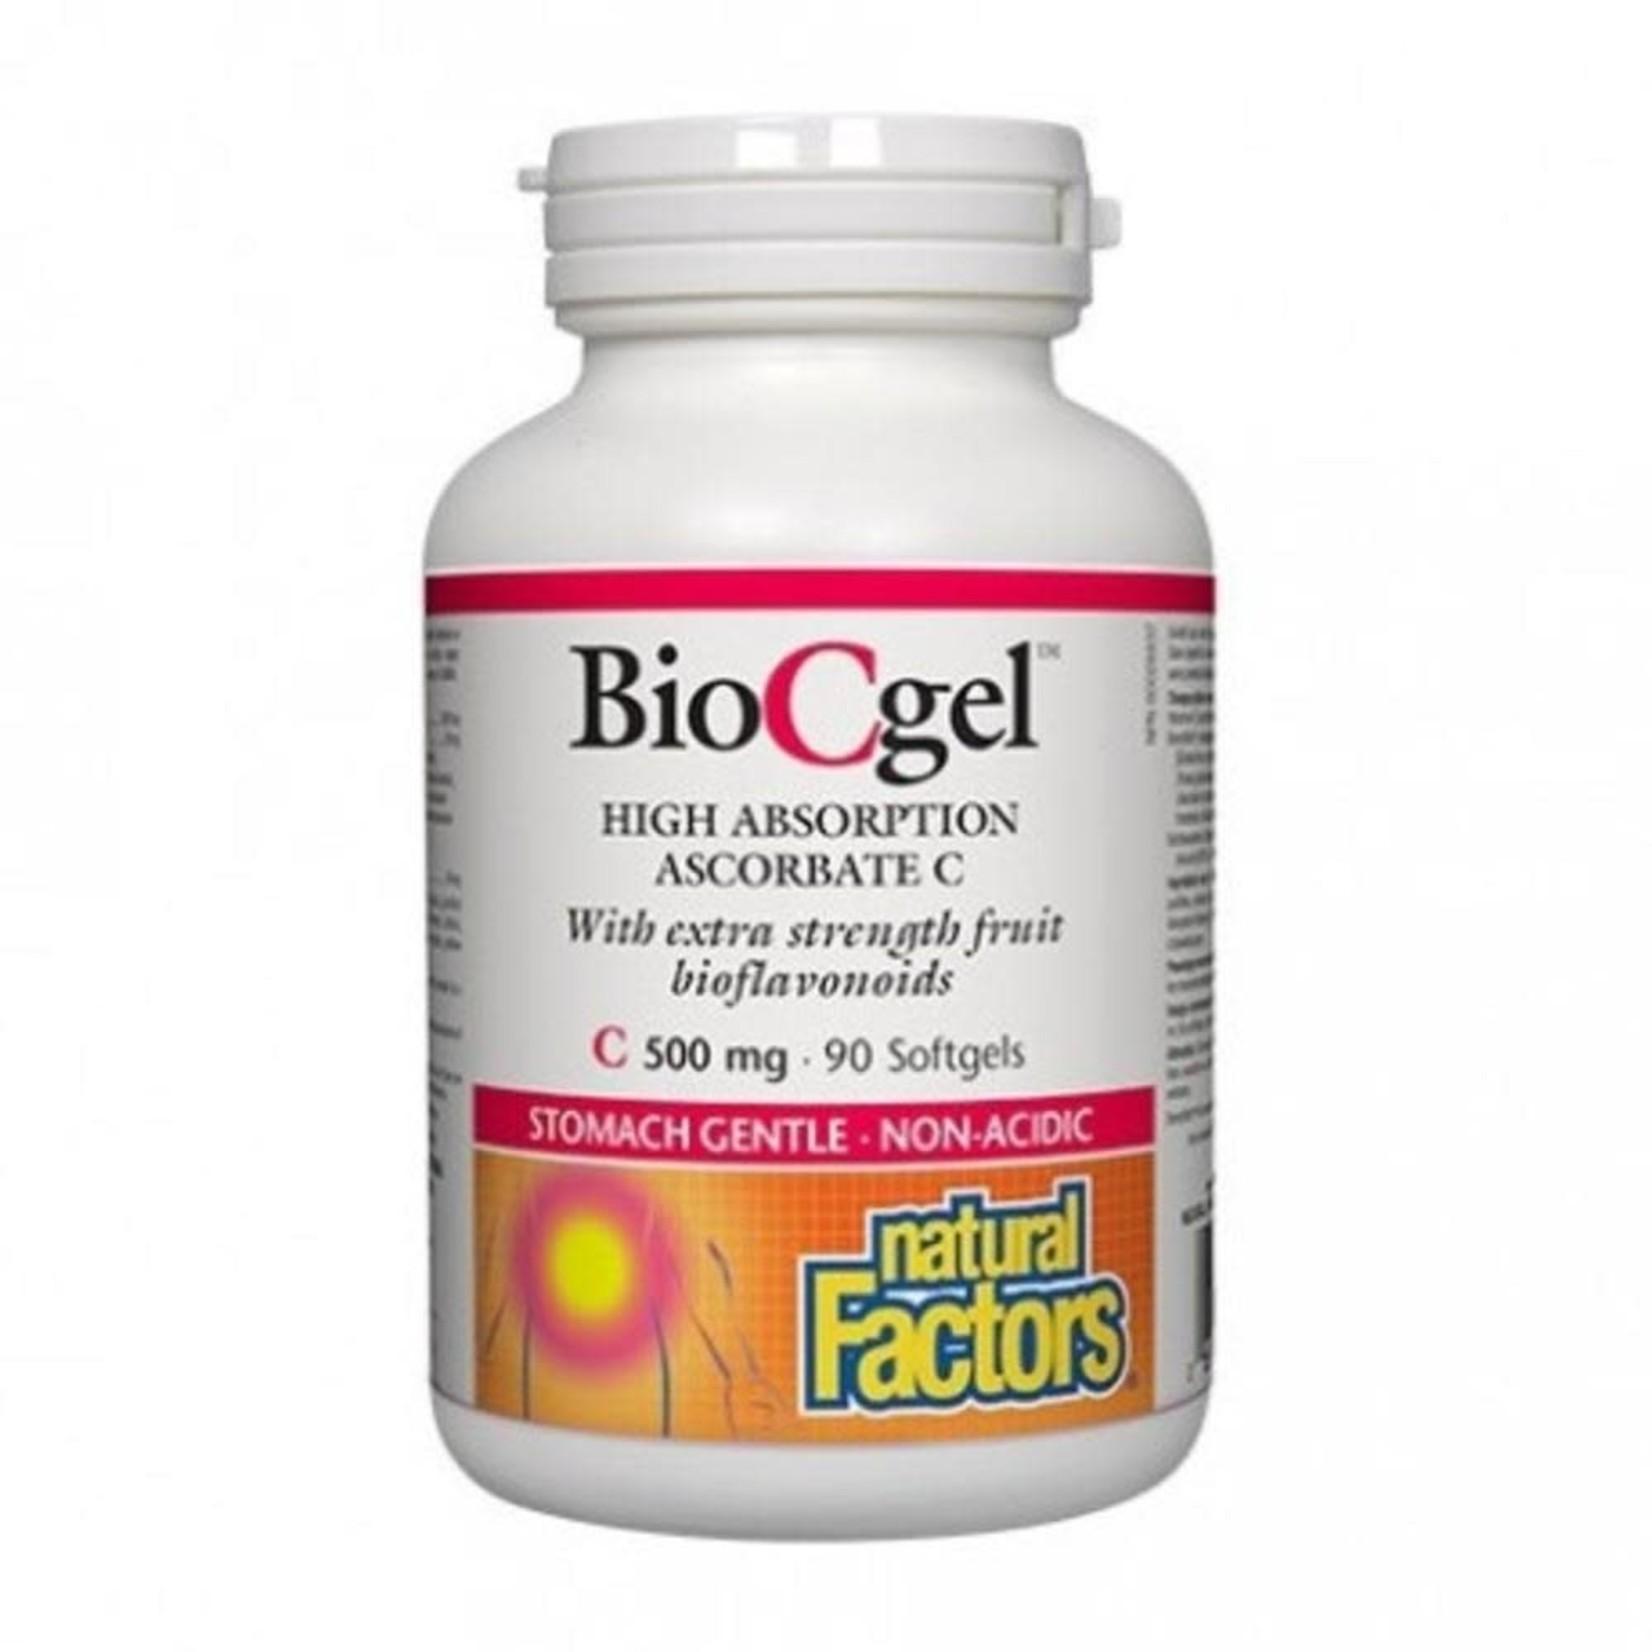 Natural Factors Natural Factors BioCgel 90 softgels